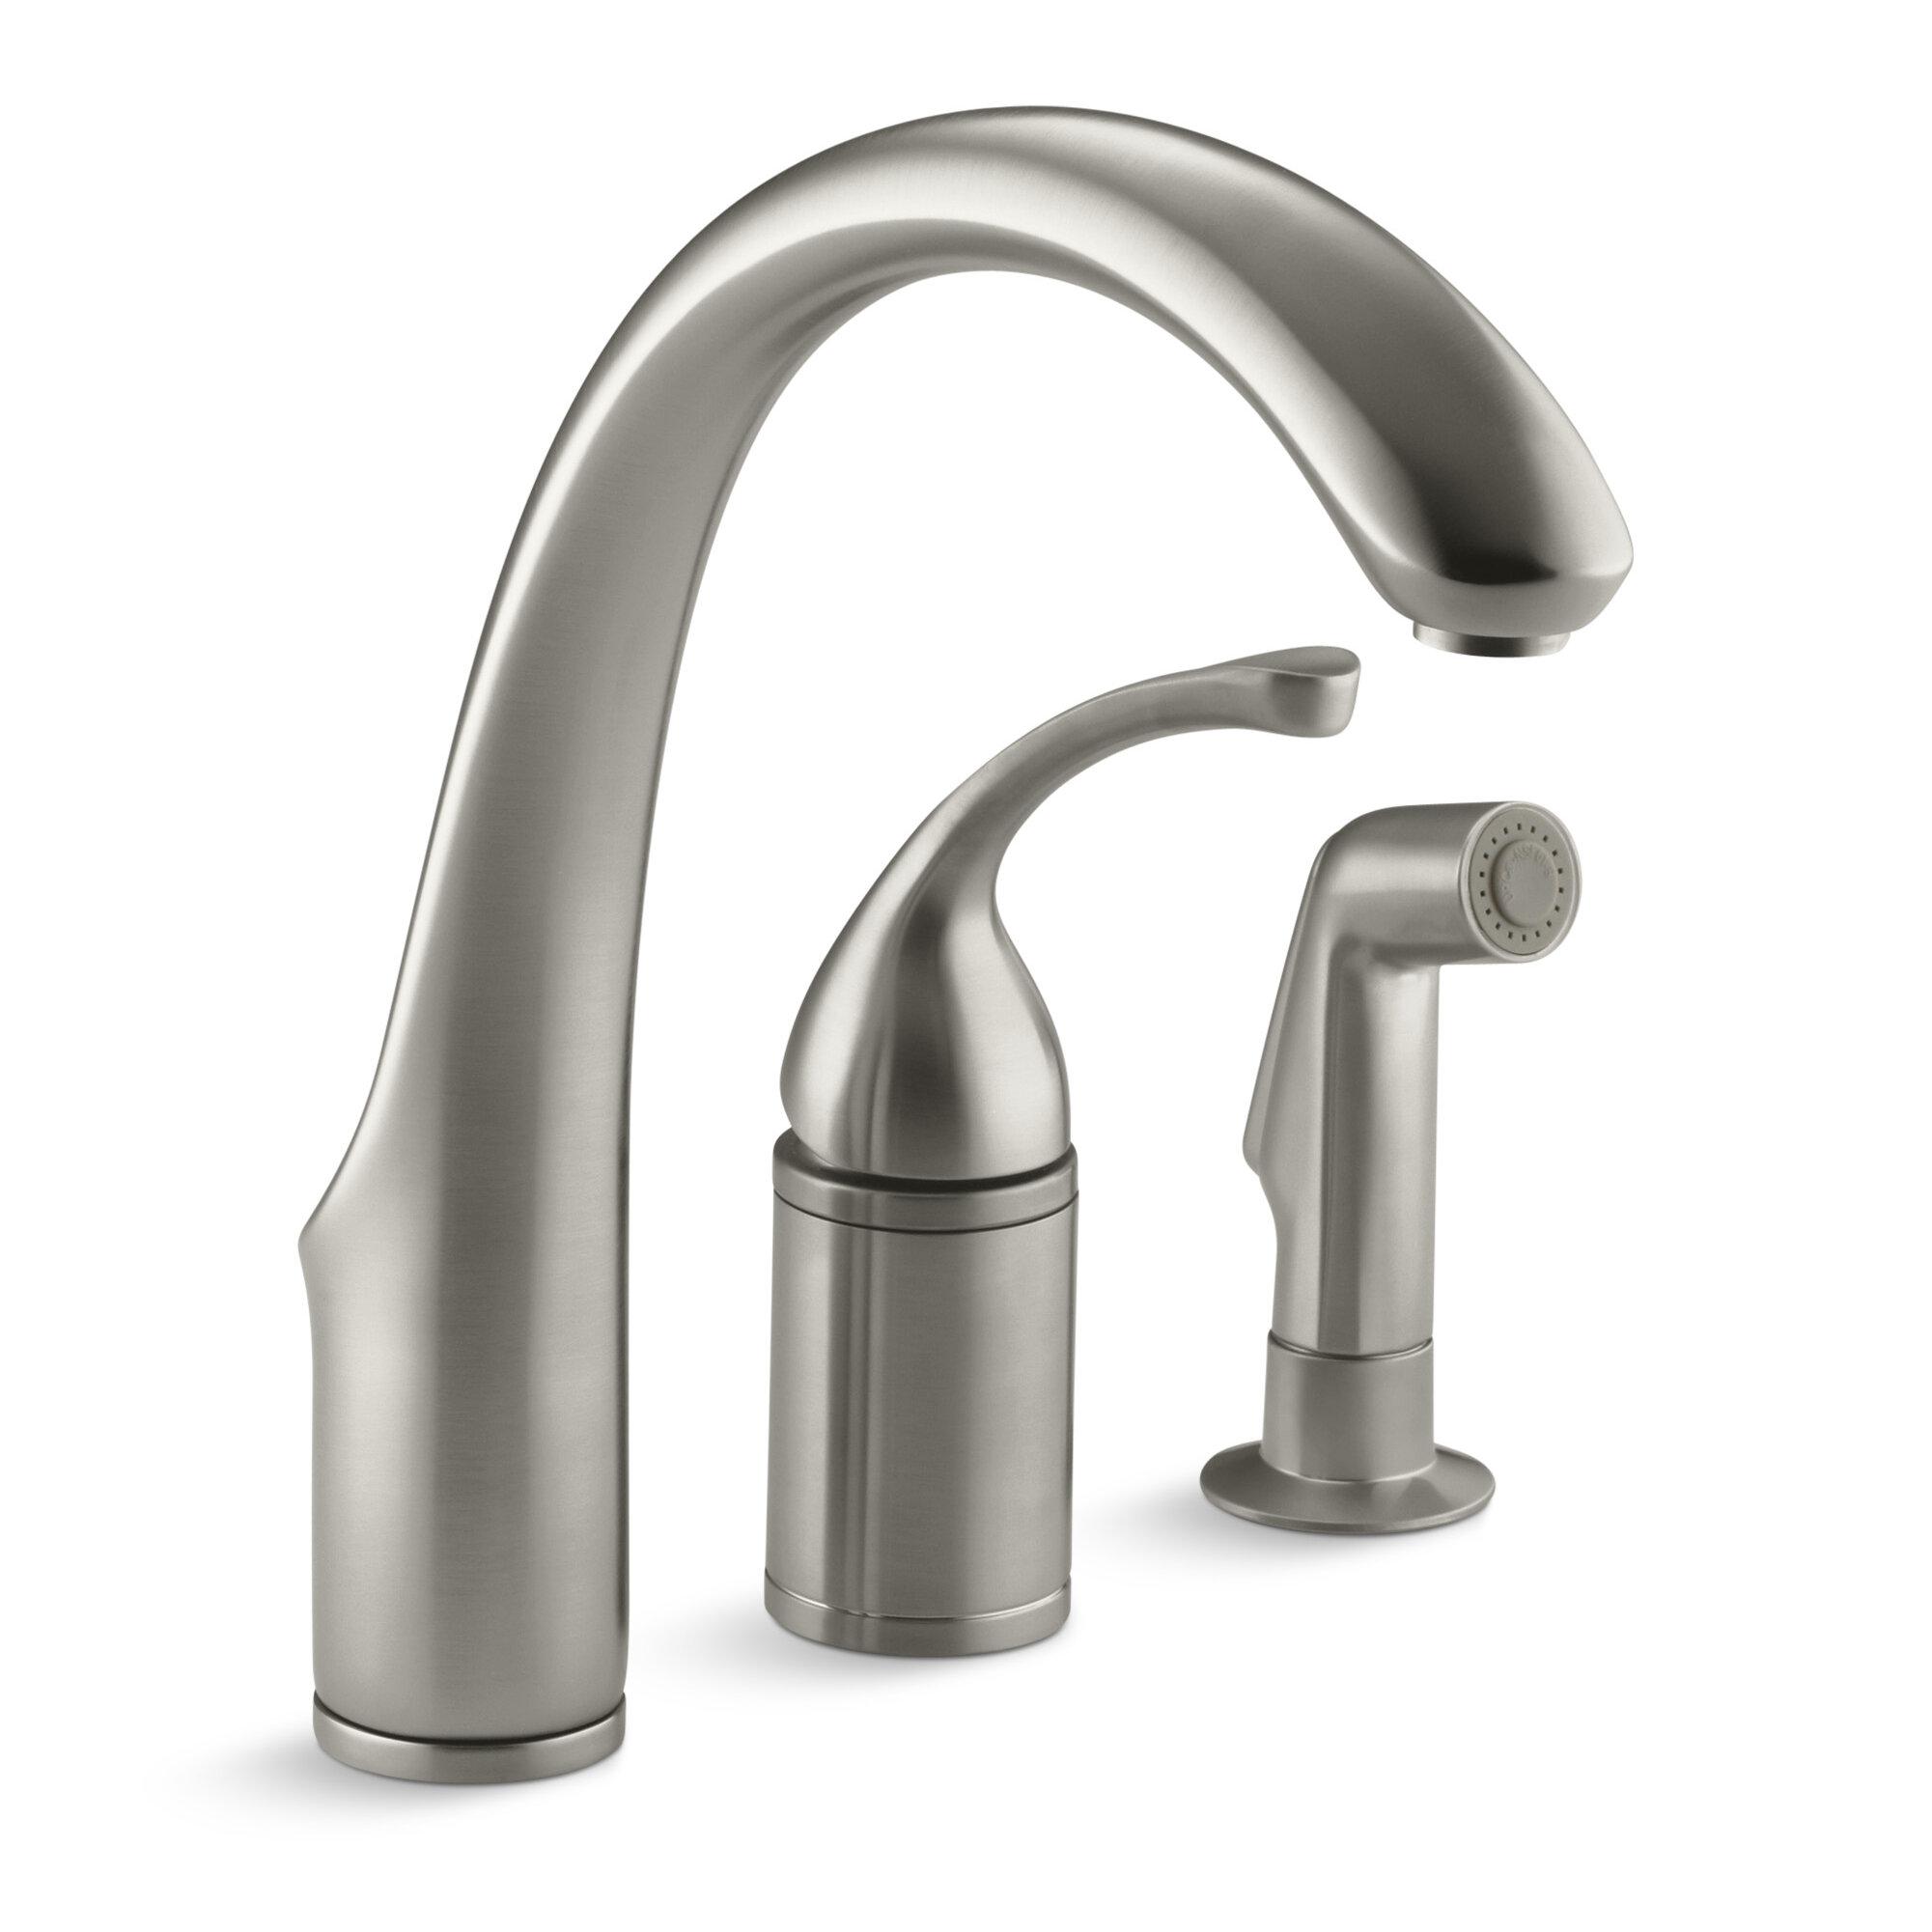 K 10430 Bn Cp Bv Kohler Forte 3 Hole Remote Valve Kitchen Sink